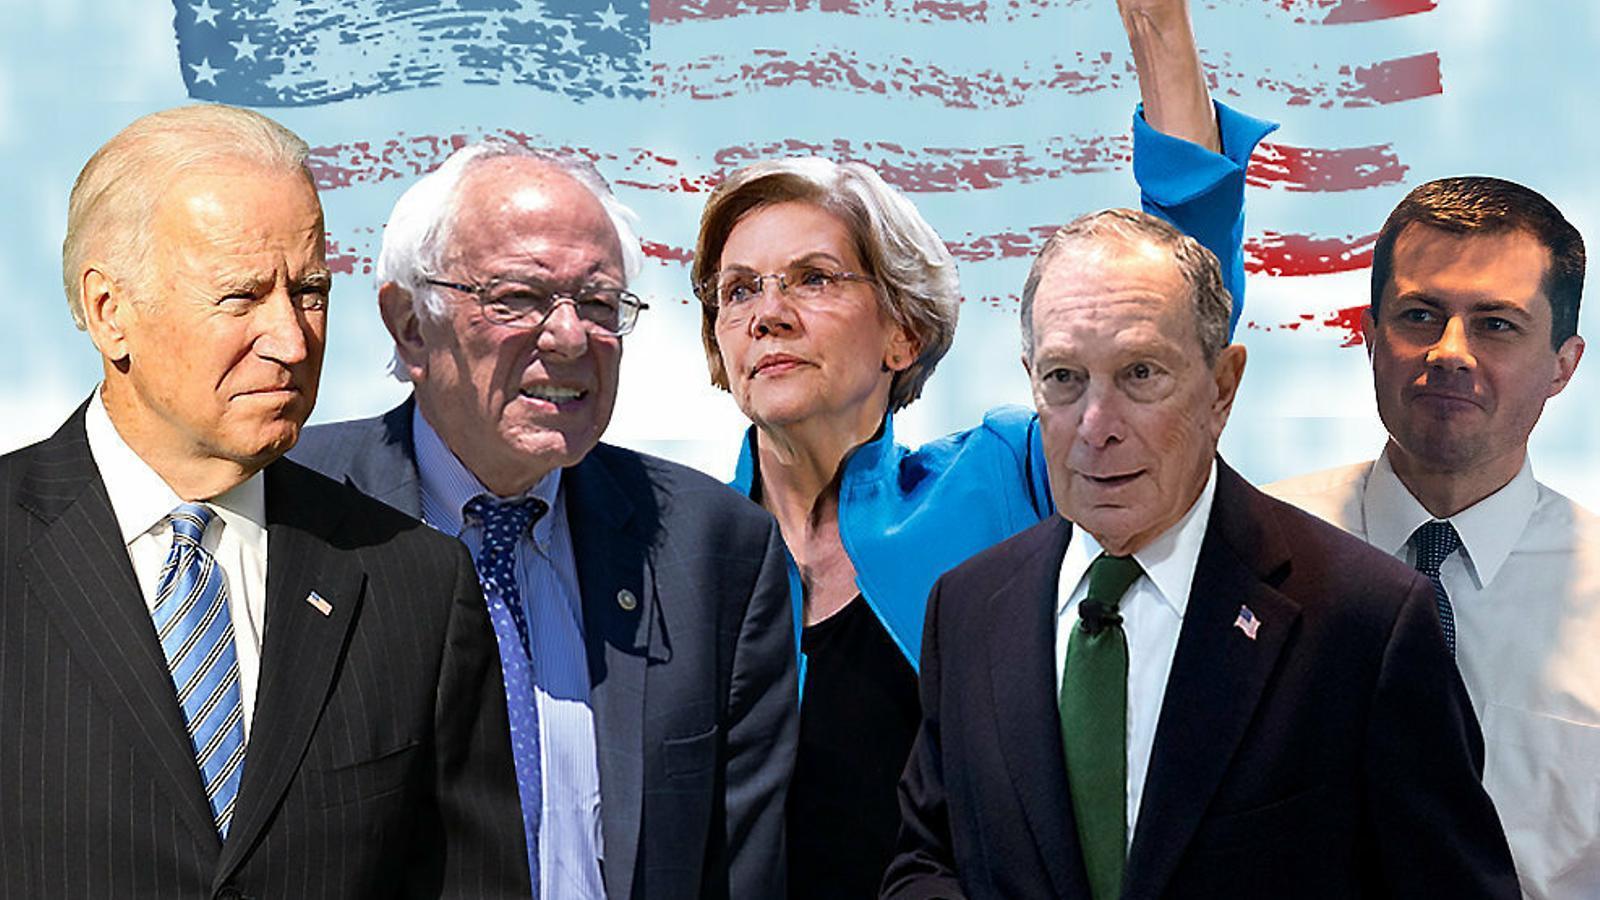 Els candidats a la cursa demòcrata per derrotar Trump